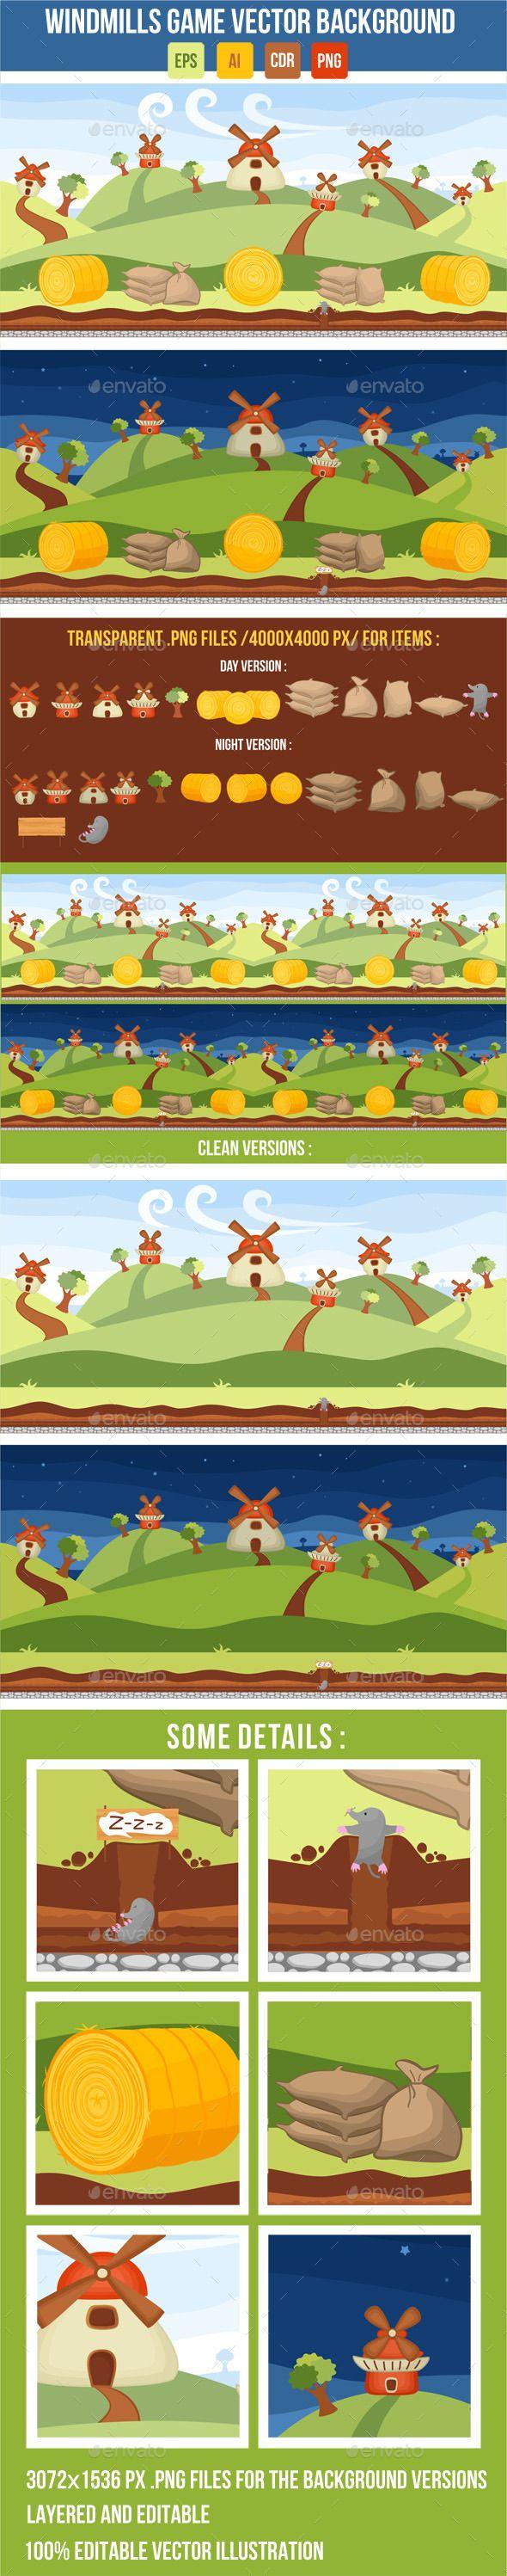 Windmills Vector Game Background  For download - http://graphicriver.net/item/windmills-vector-game-background/8832973?WT.ac=portfolio&WT.z_author=ragerabbit&ref=ragerabbit